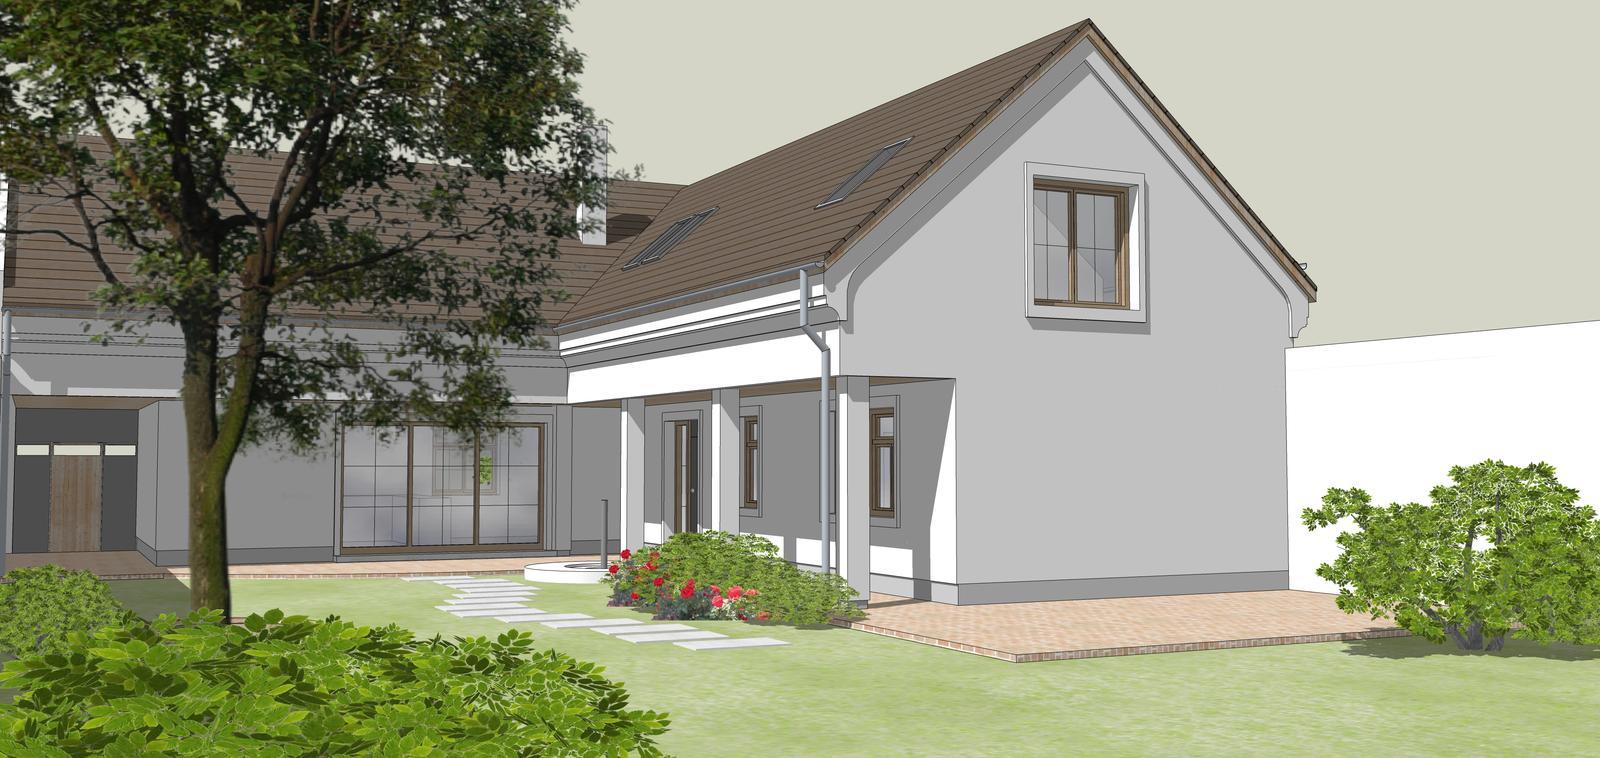 Náš budúci domov - rekonštrukcia rodinného domu - Obrázok č. 393